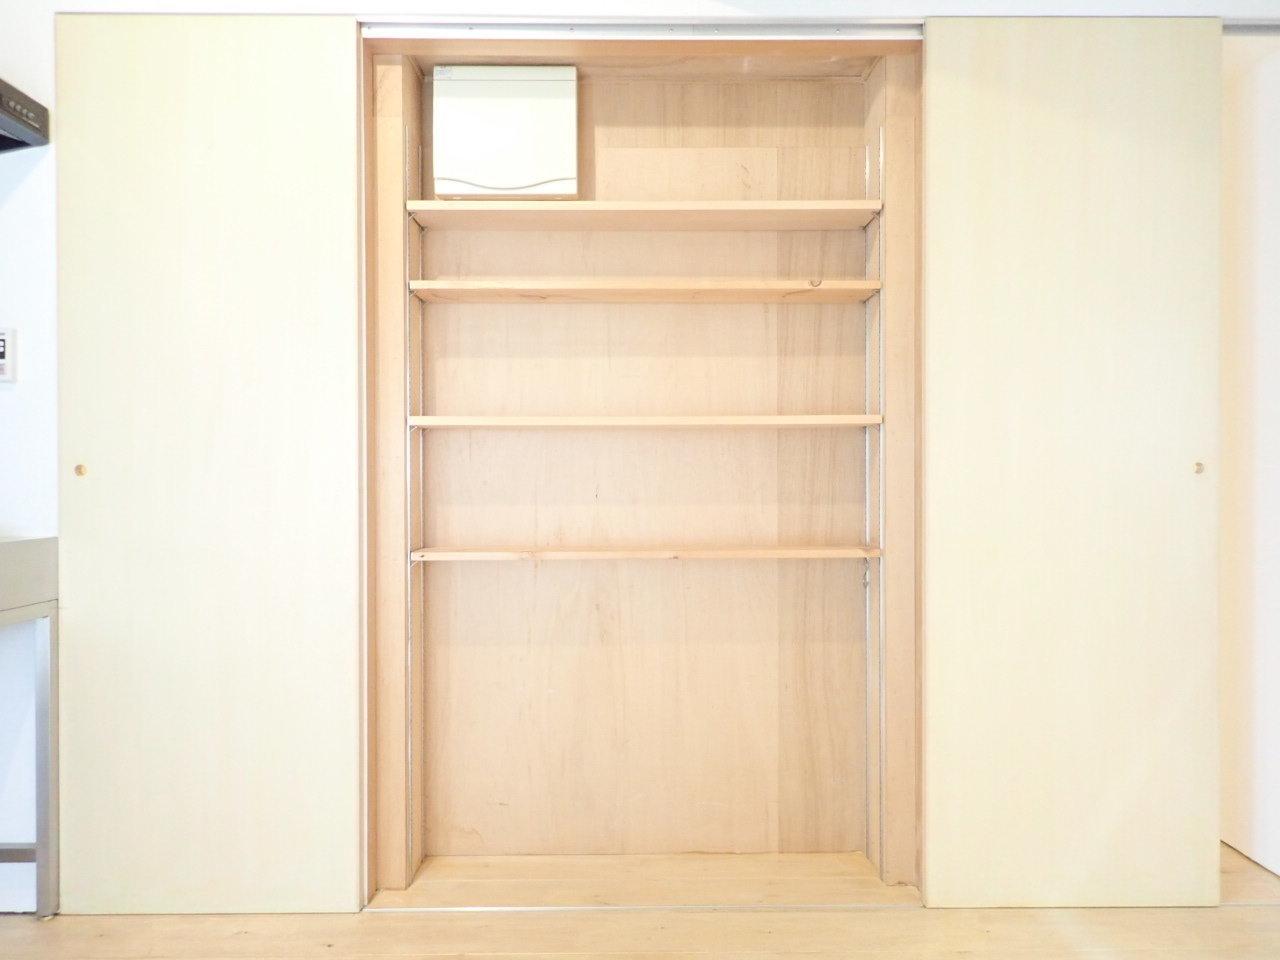 キッチン近くにはこんな収納棚も。奥行きがあまりないので、キッチン家電や食器、調味料などの保存場所に使えそうですね。